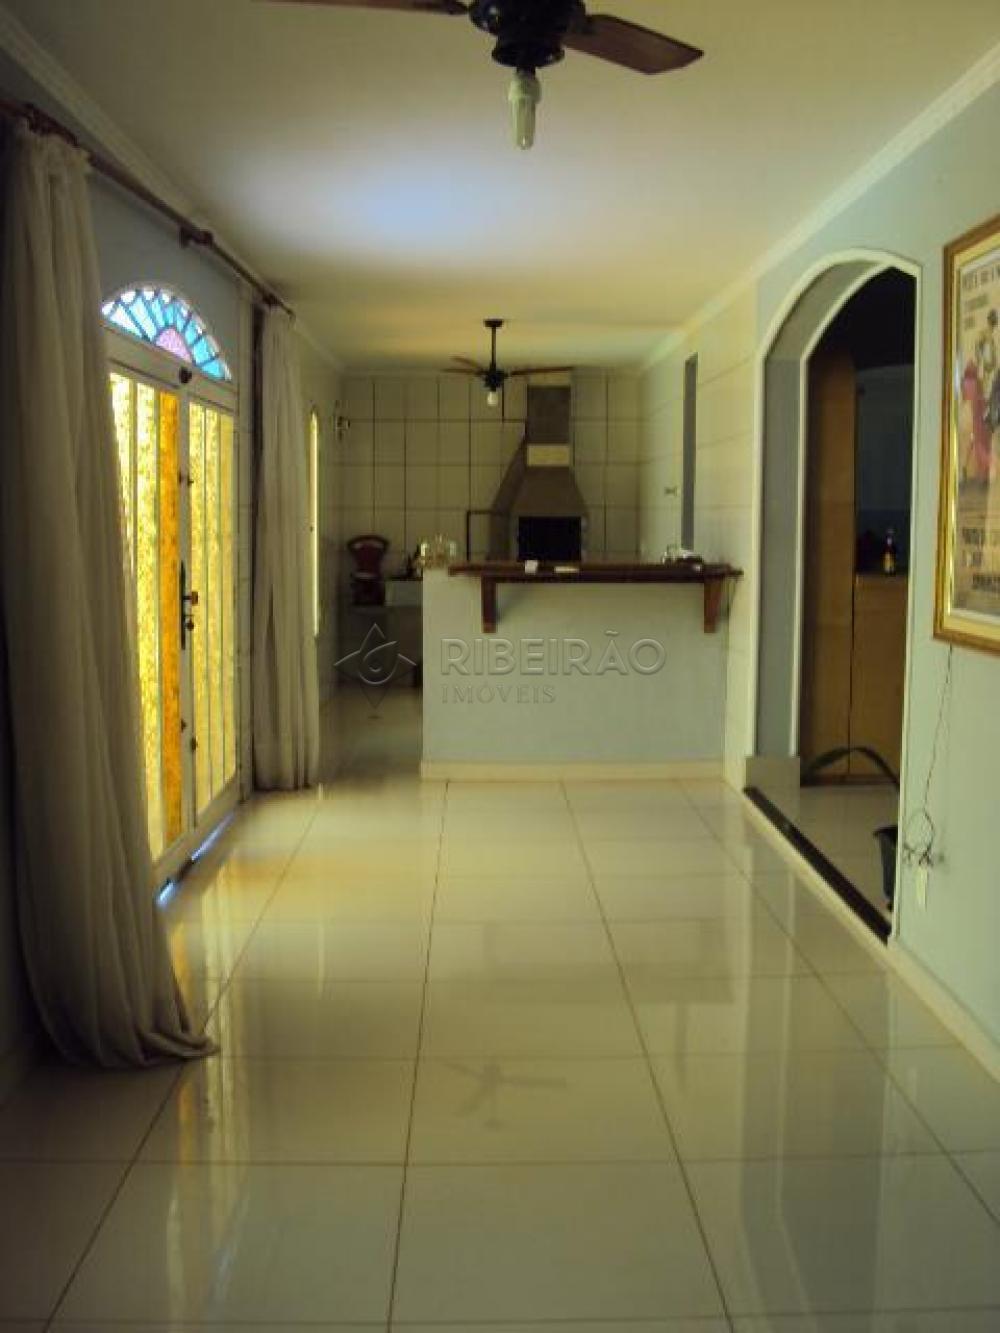 Alugar Casa / Padrão em Ribeirão Preto apenas R$ 15.000,00 - Foto 16